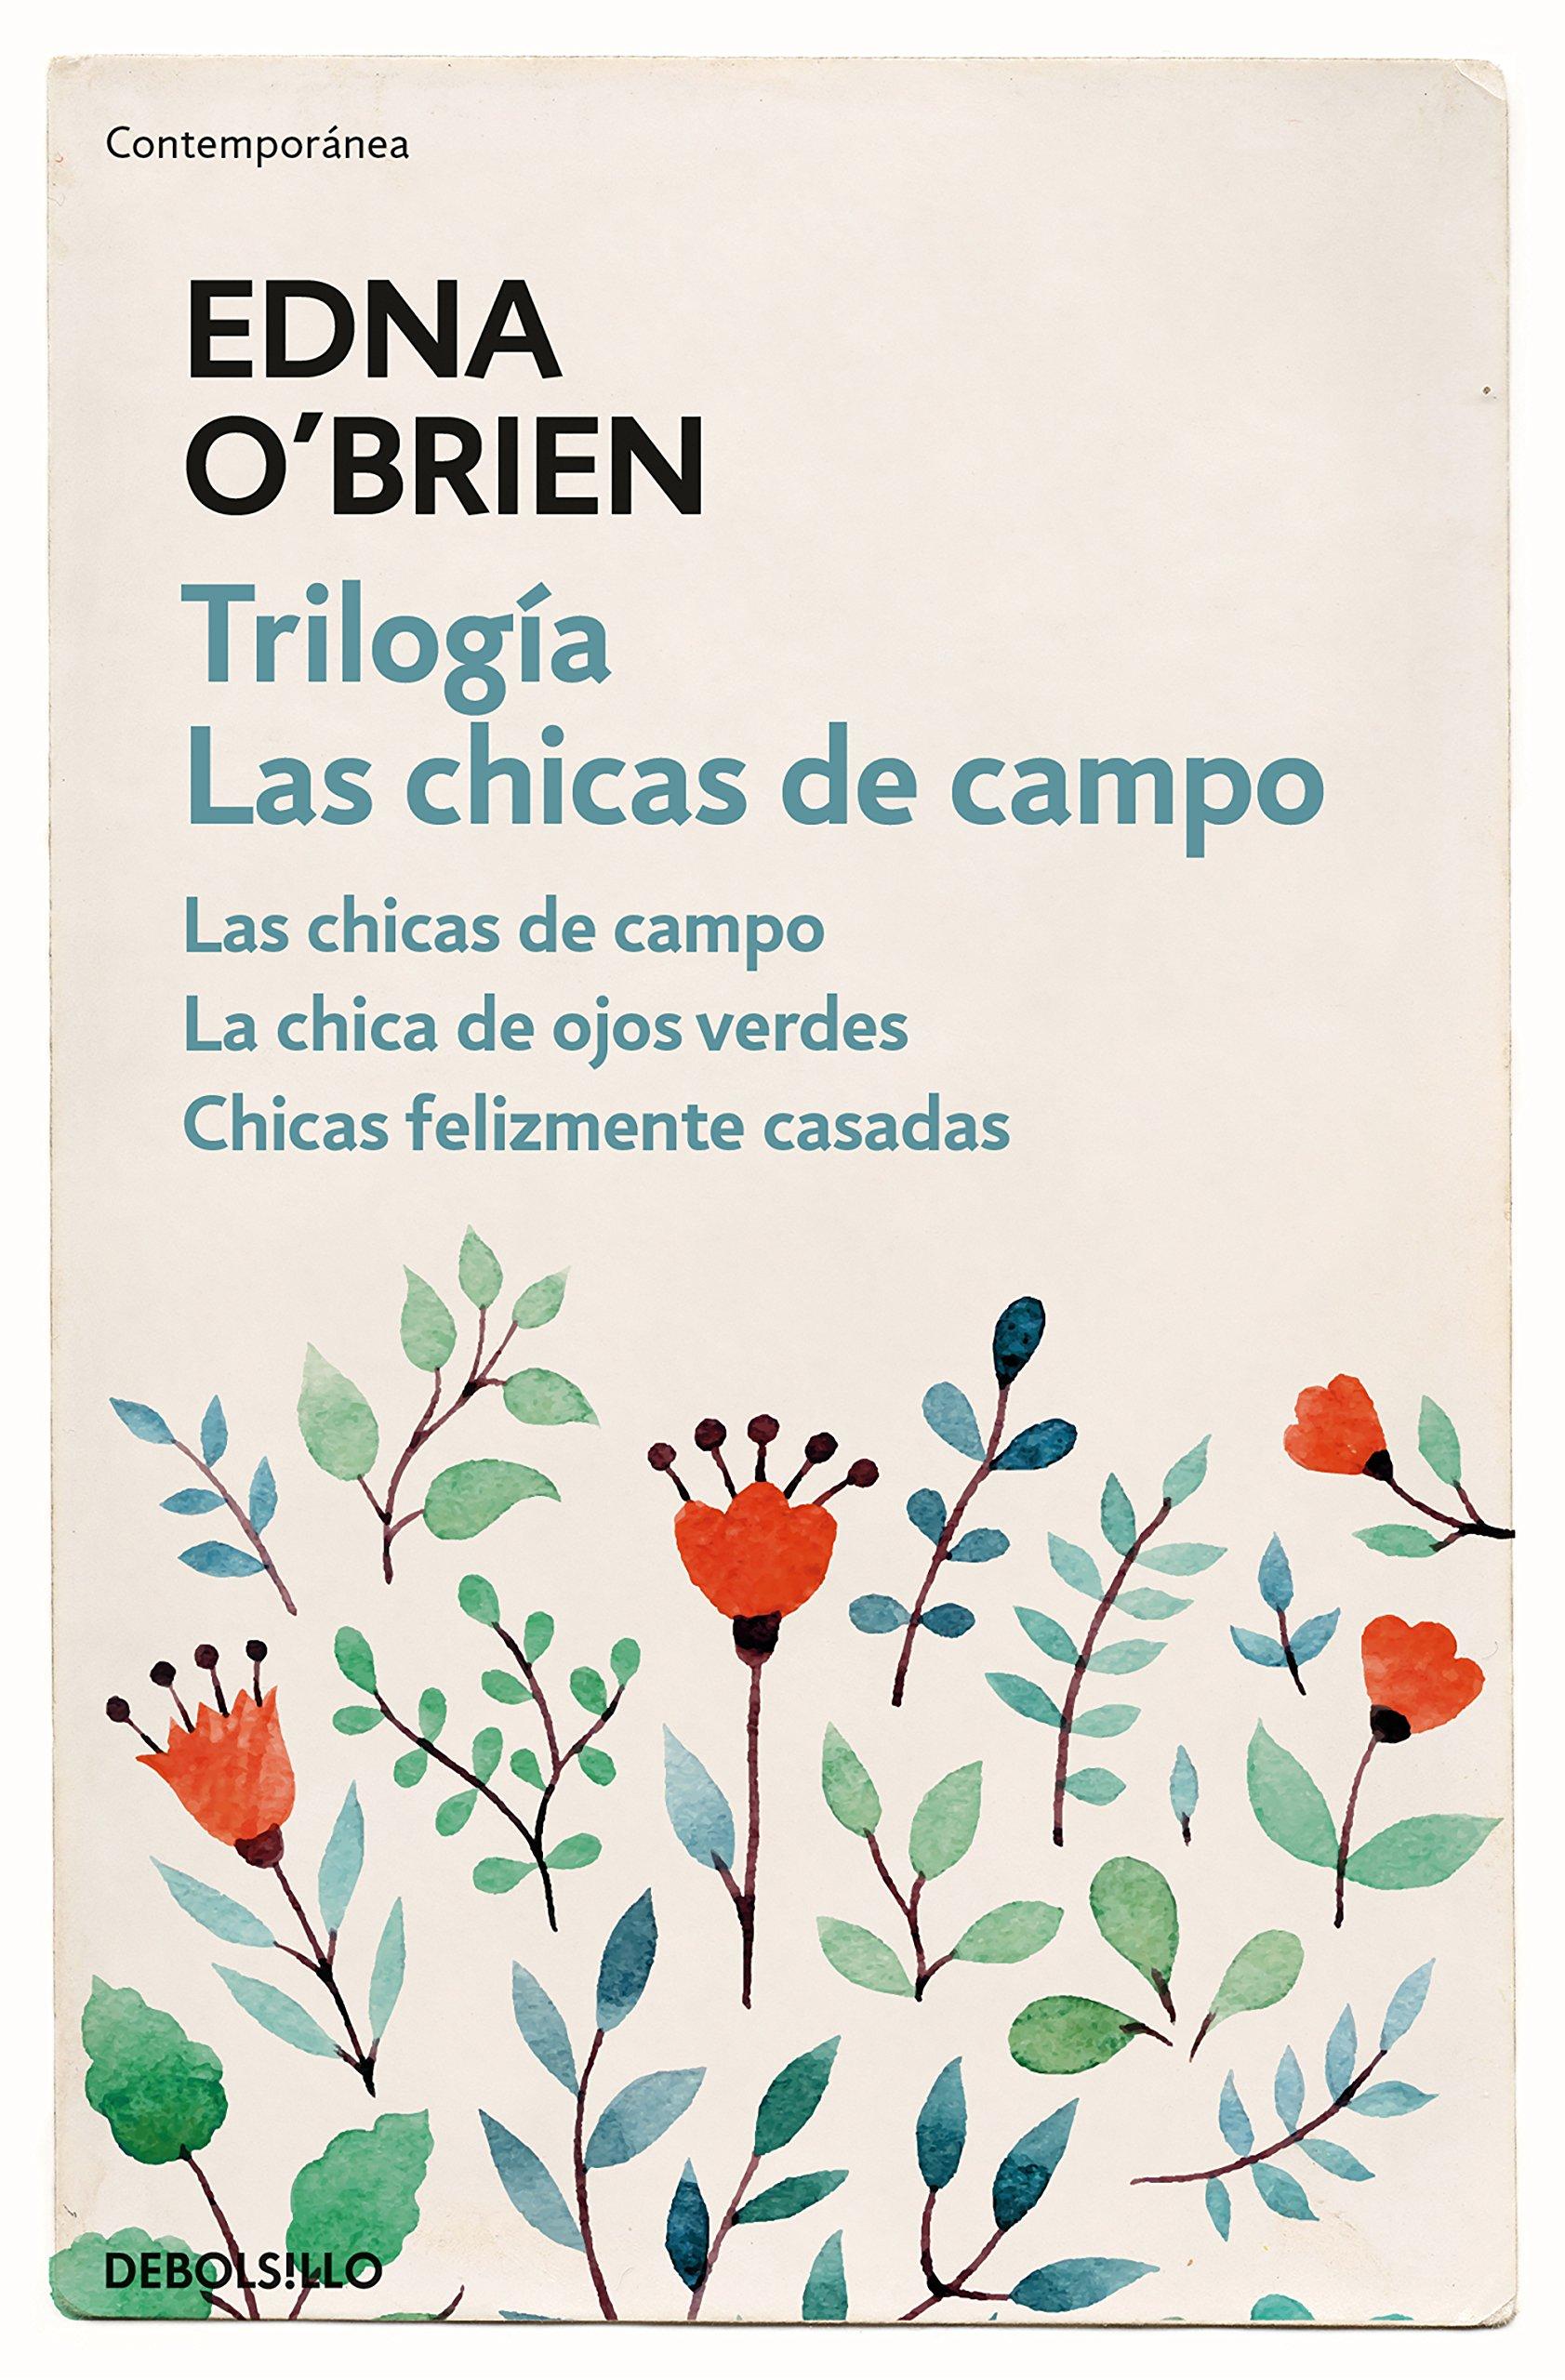 Las Chicas De Campo Las Chicas De Campo La Chica De Ojos Verdes Chicas Felizmente Casadas Contemporánea O Brien Edna López Muñoz Regina Amazon De Bücher